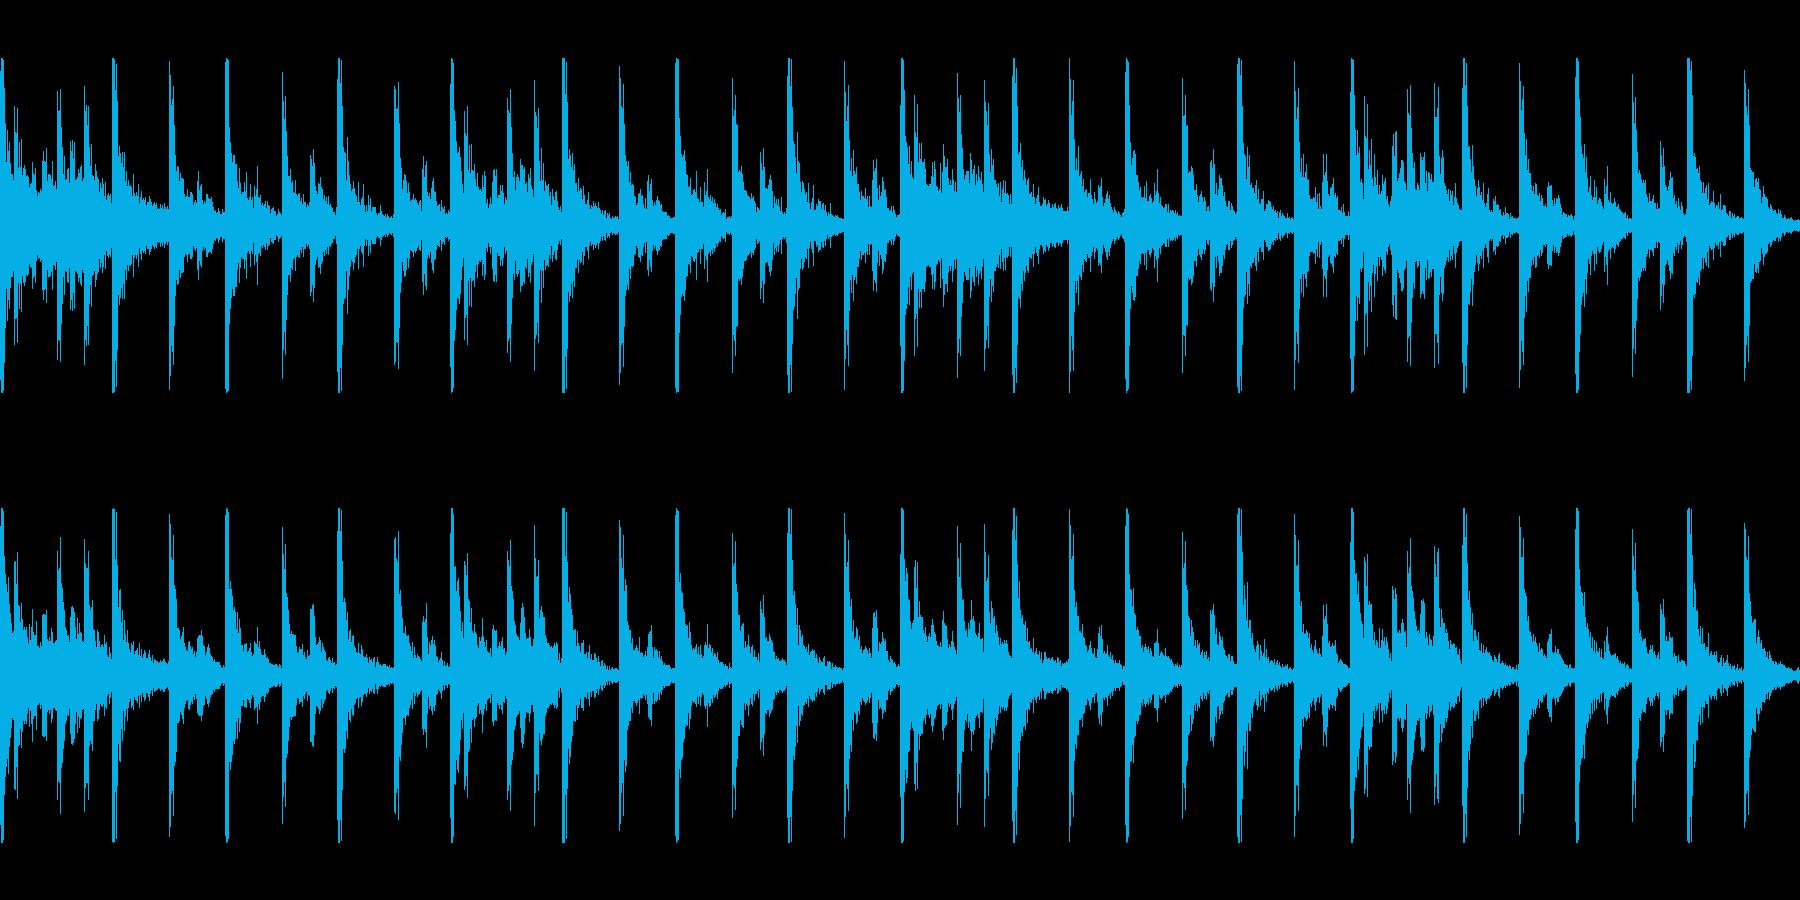 勇敢な行進スネアドラムロールBPM120の再生済みの波形